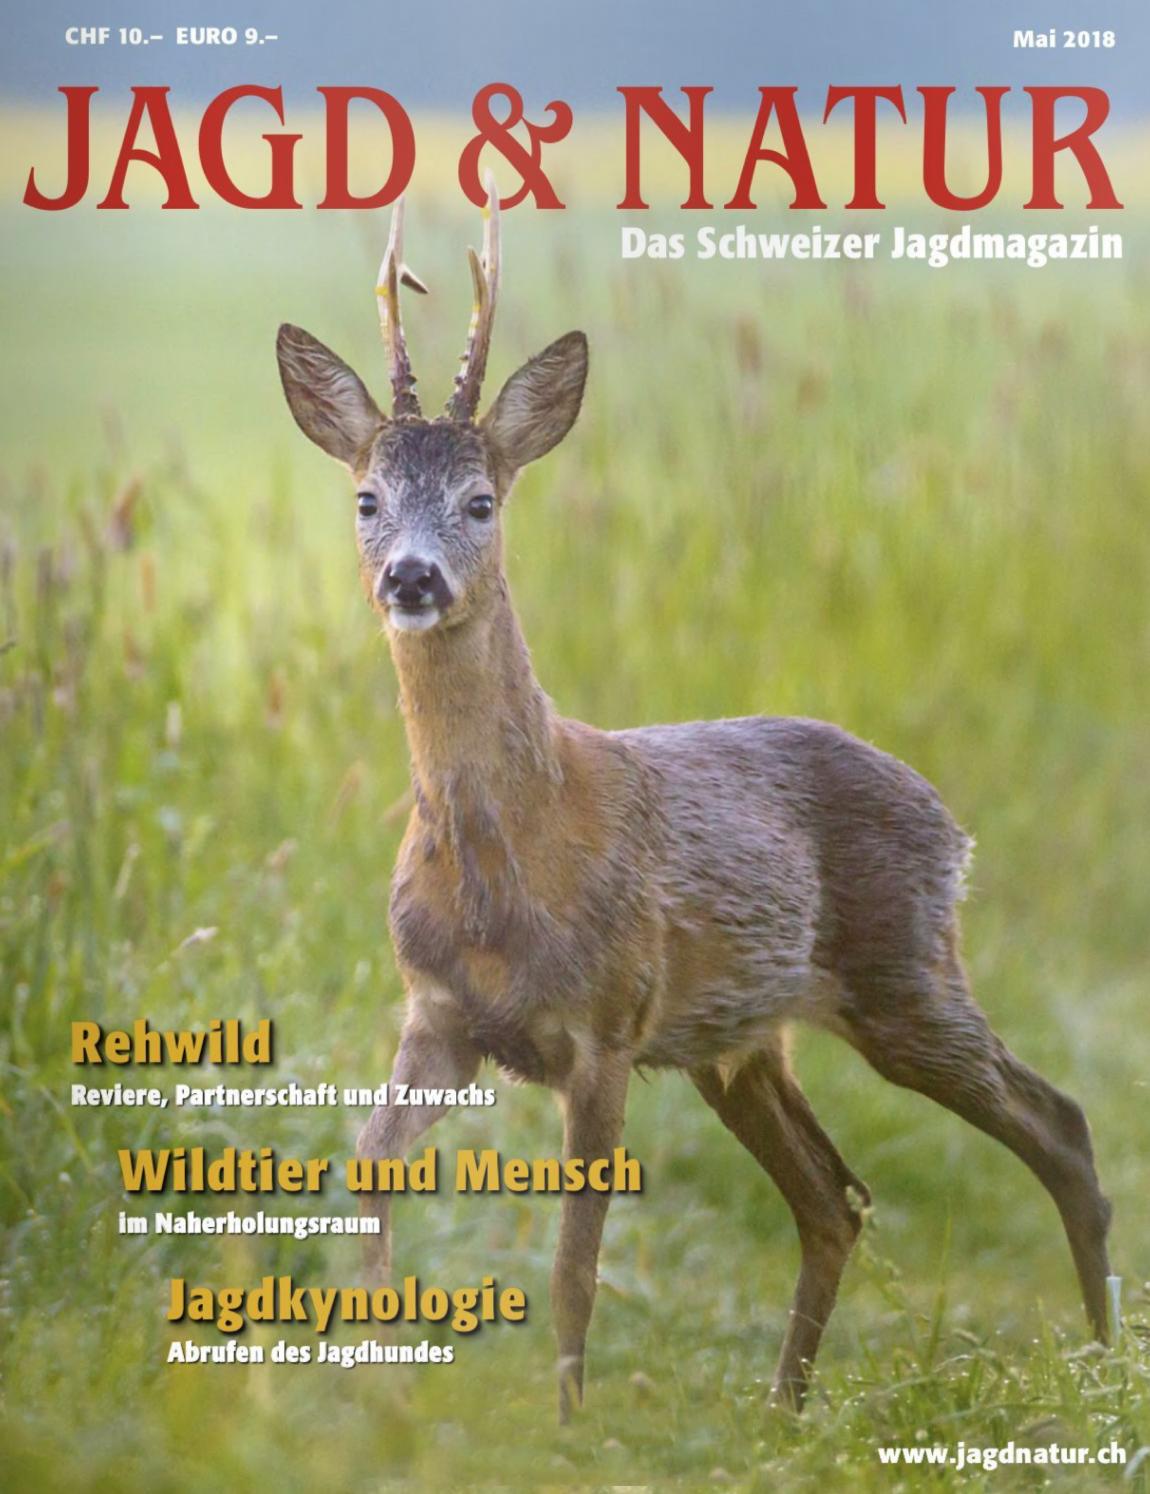 Jagd & Natur - Le magazine mensuel leader des thèmes chasse et nature en Suisse